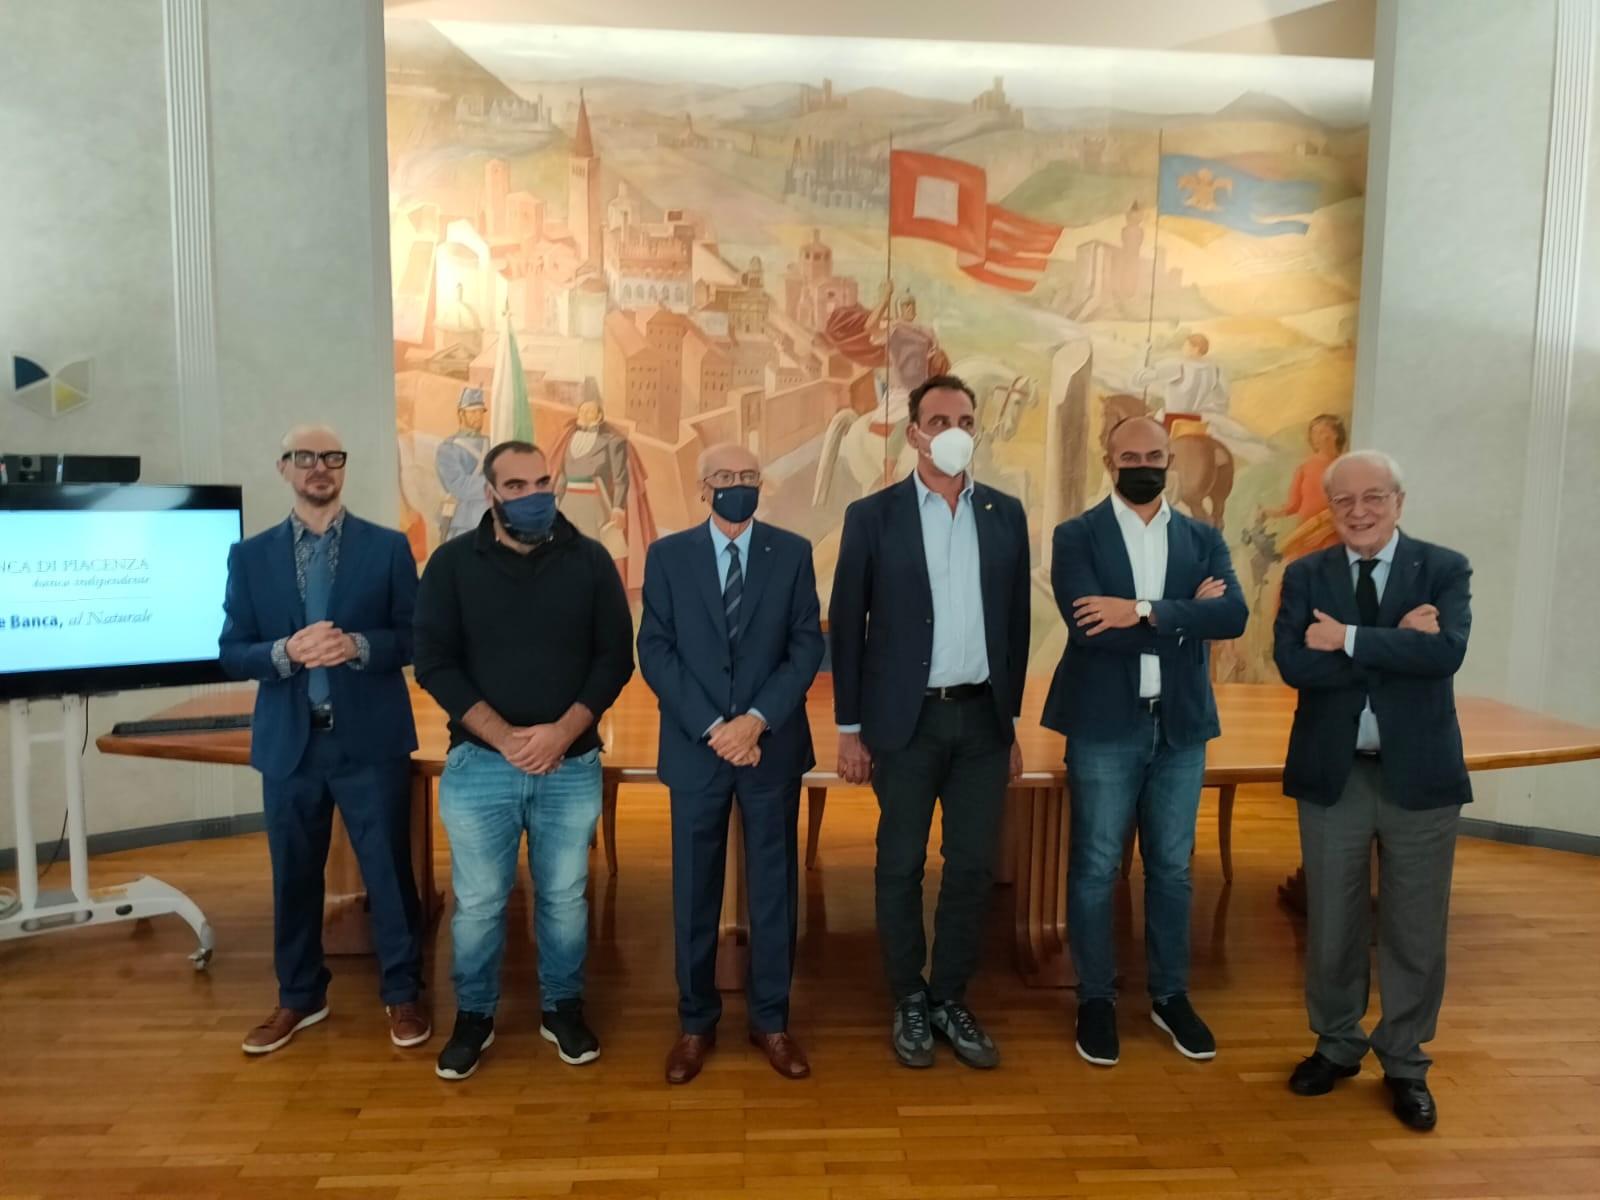 Presentazione-Spot-banca-Piacenza